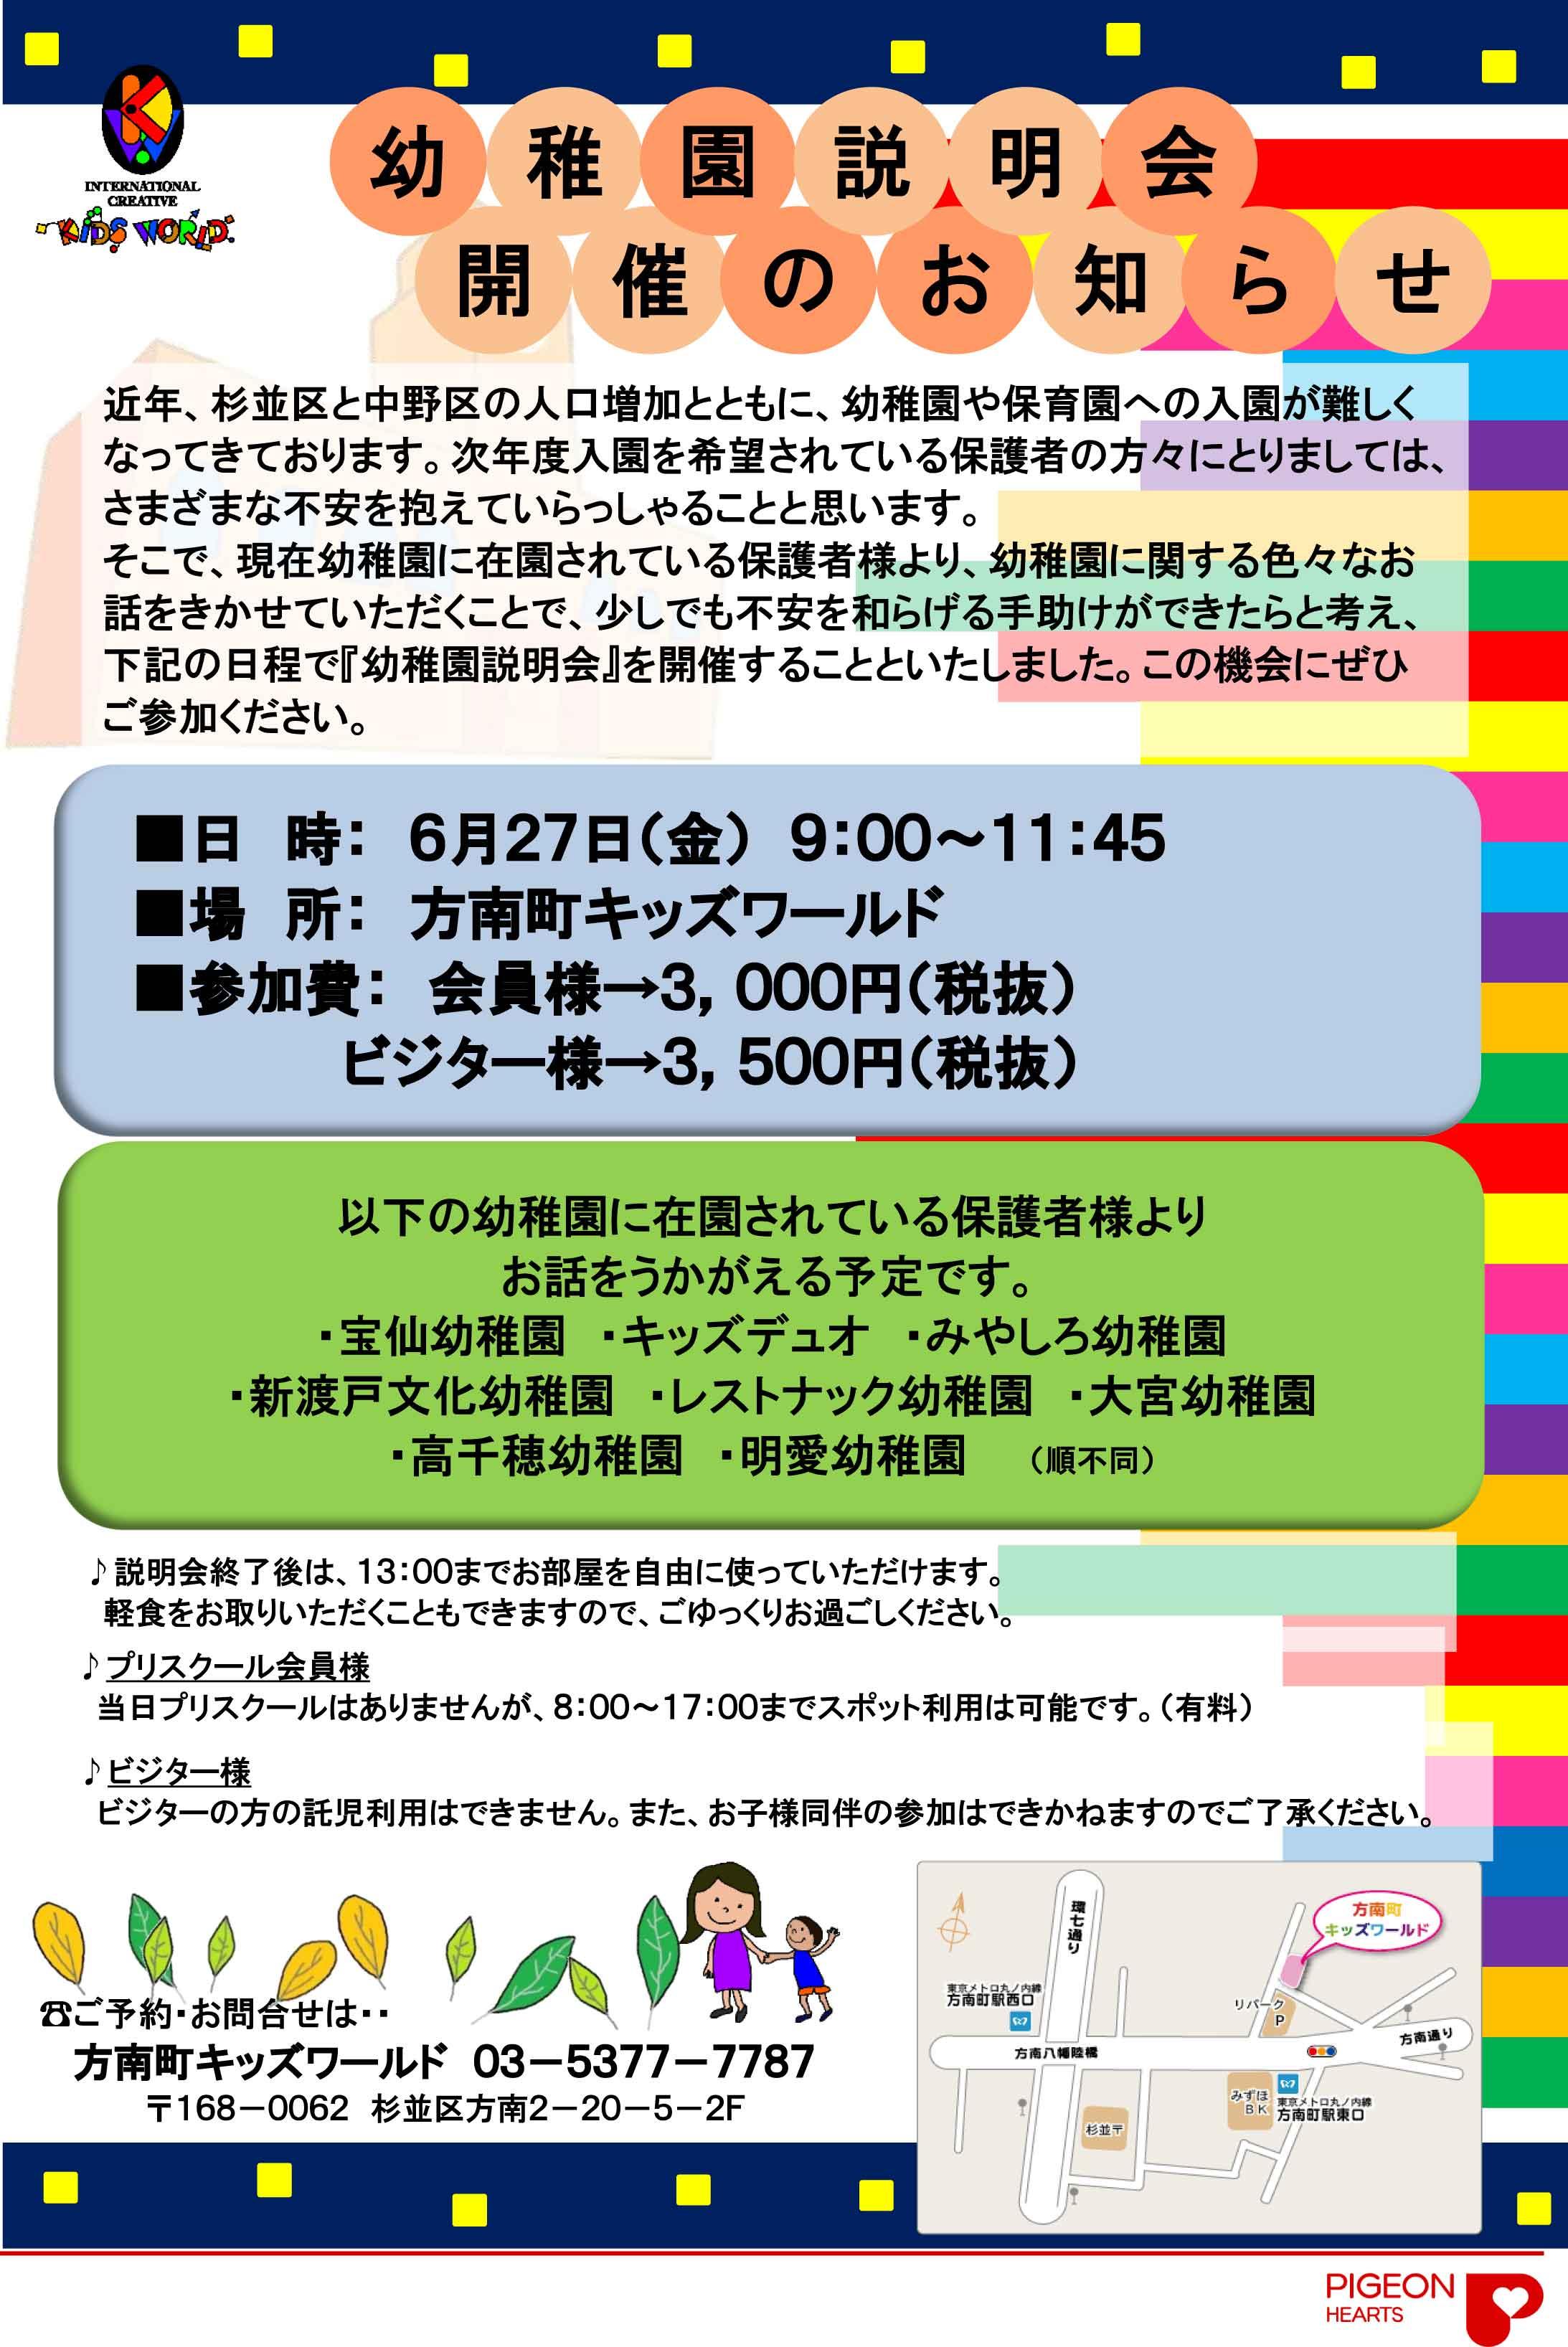 【方南町】2018年6月幼稚園説明会